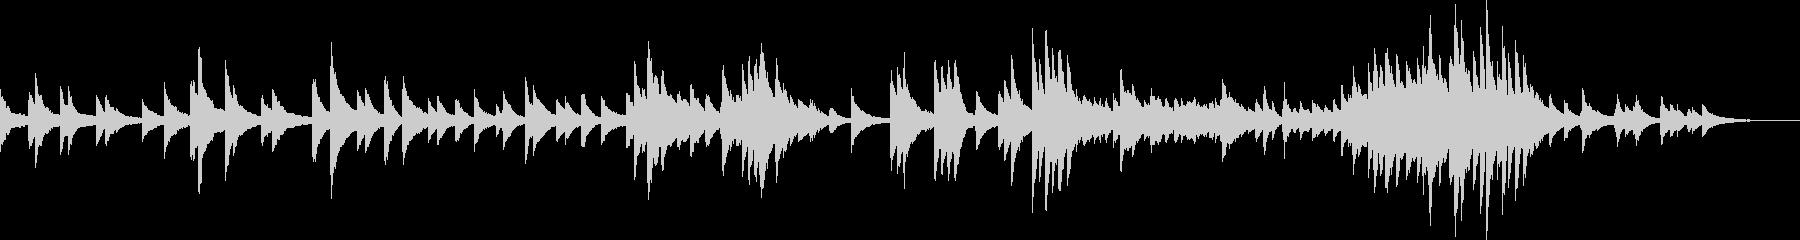 何気ない日常(ピアノ・BGM・爽やか)の未再生の波形